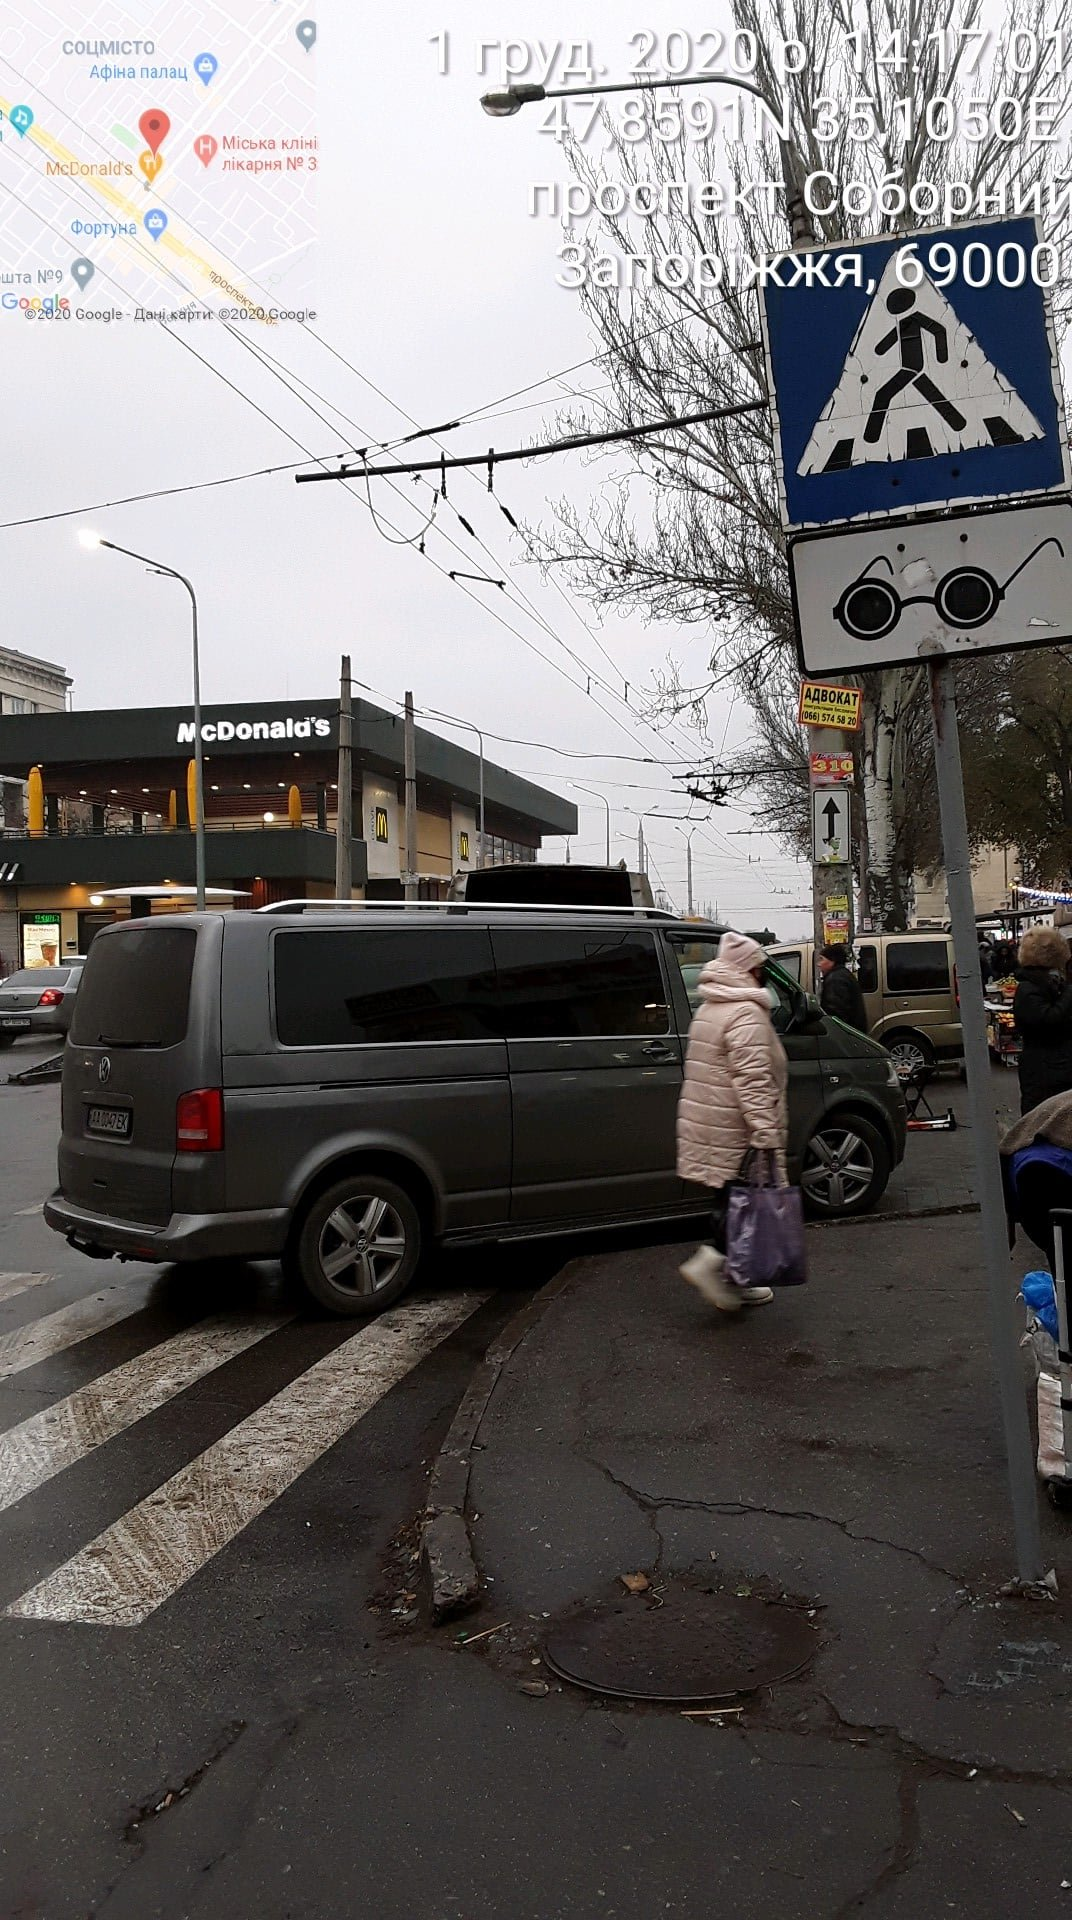 Запорожские инспекторы по парковке напомнили, где нельзя парковаться, и сколько стоит нарушение, - ФОТО, фото-5